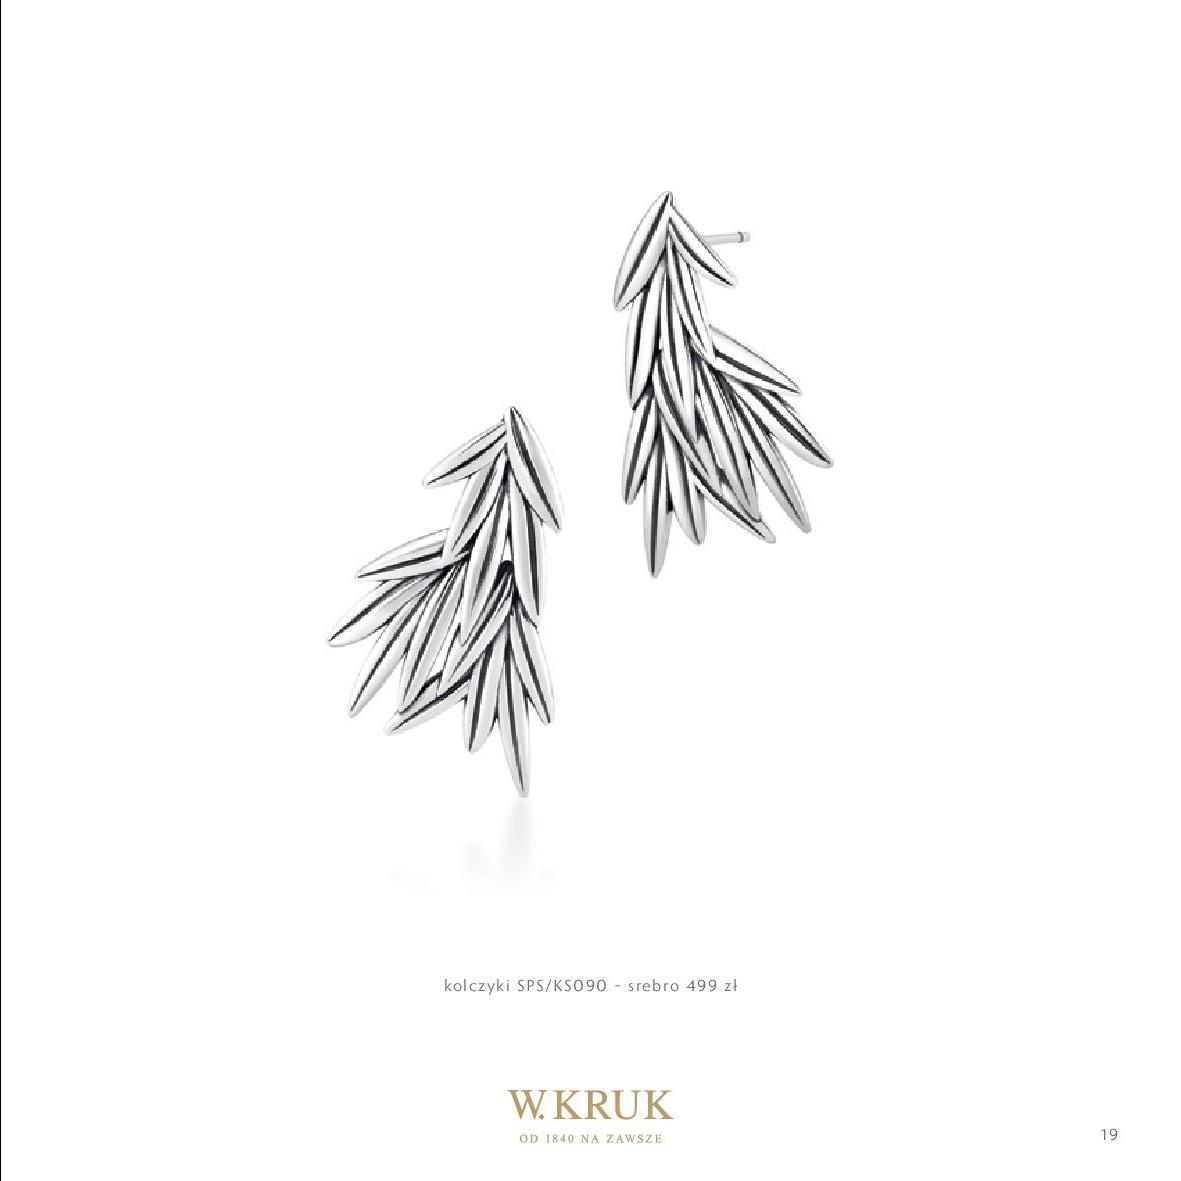 Gazetka W. KRUK: Katalog - Kolekcja Przyjaźń 2021-02-17 page-21